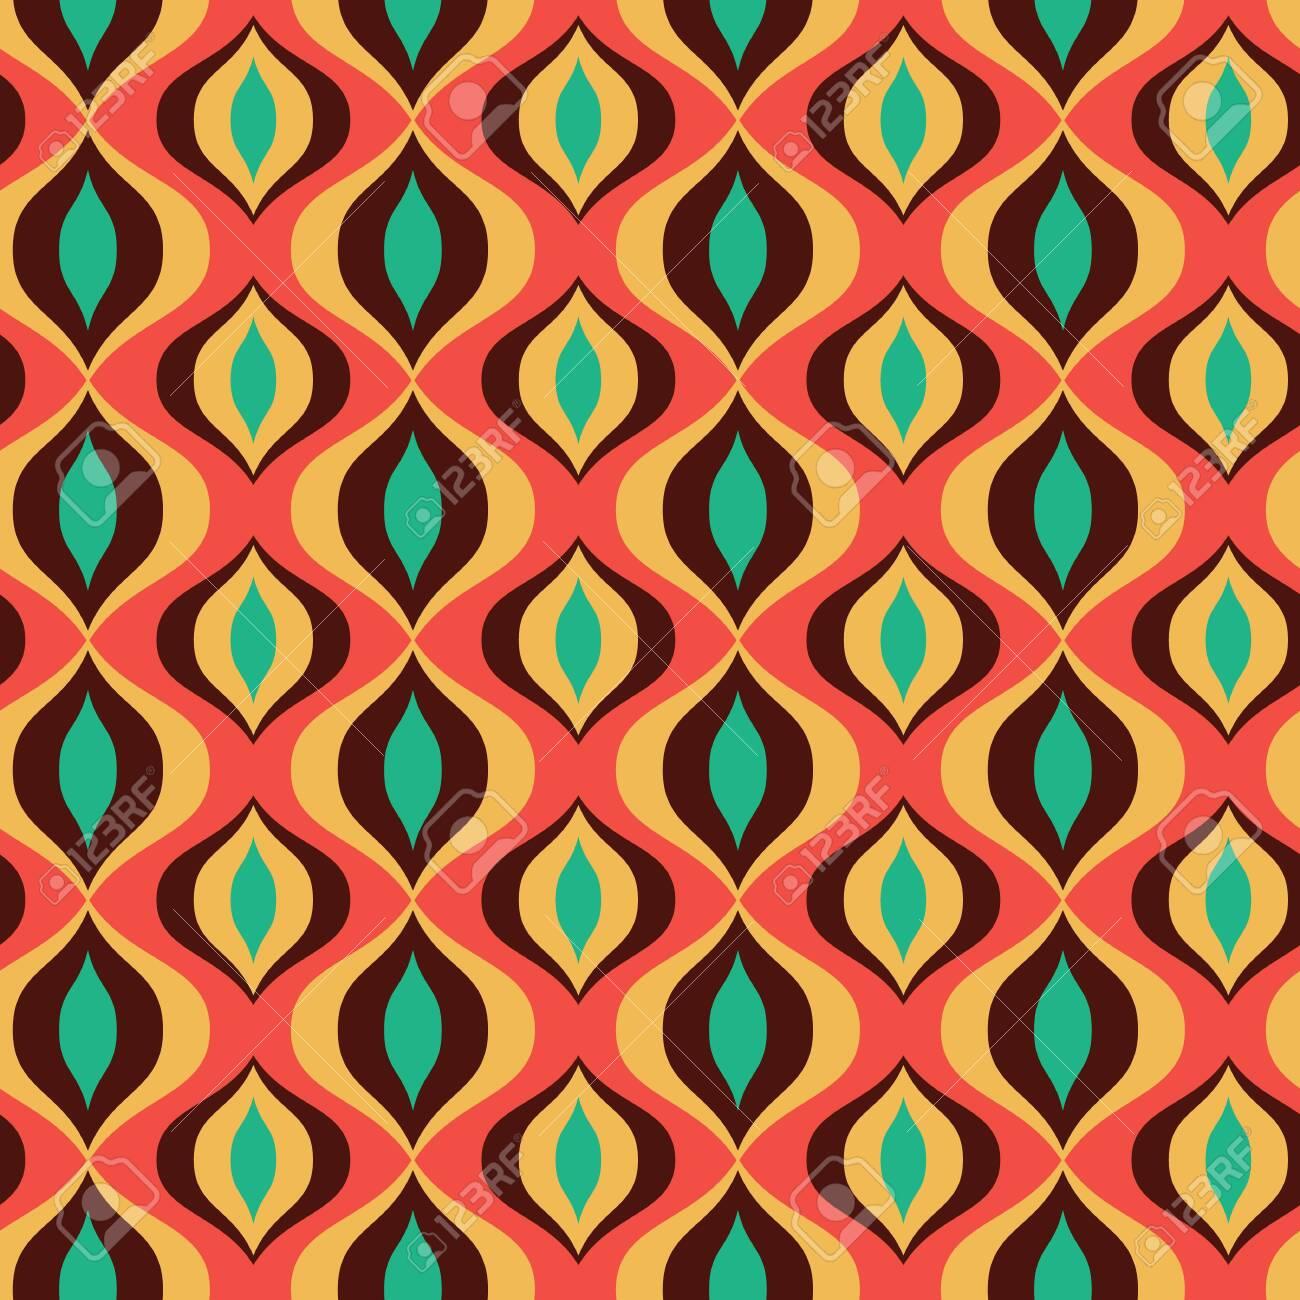 Vector Multicolored 20s, 20s Retro Vintage Ornament Seamless ...